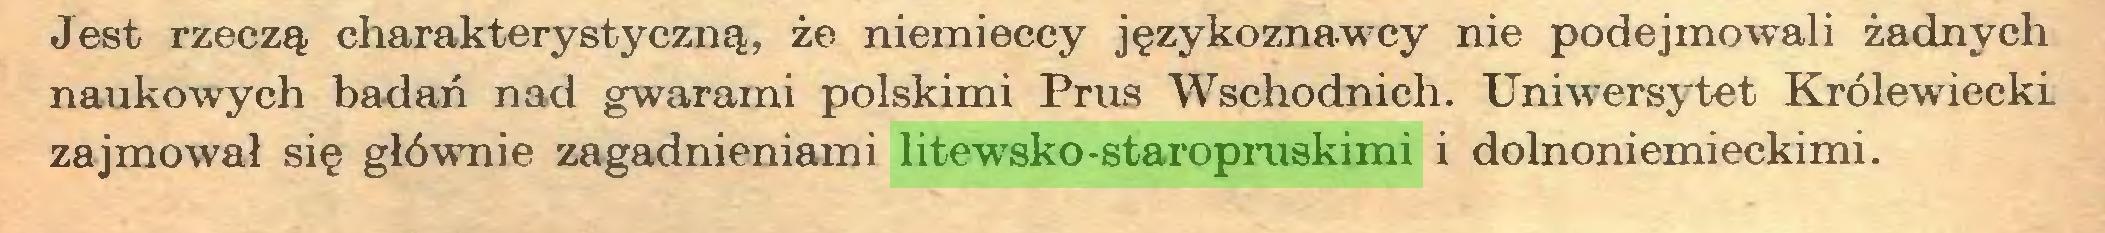 (...) Jest rzeczą charakterystyczną, że niemieccy językoznawcy nie podejmowali żadnych naukowych badań nad gwarami polskimi Prus Wschodnich. Uniwersytet Królewiecki zajmował się głównie zagadnieniami litewsko-staropruskimi i dolnoniemieckimi...